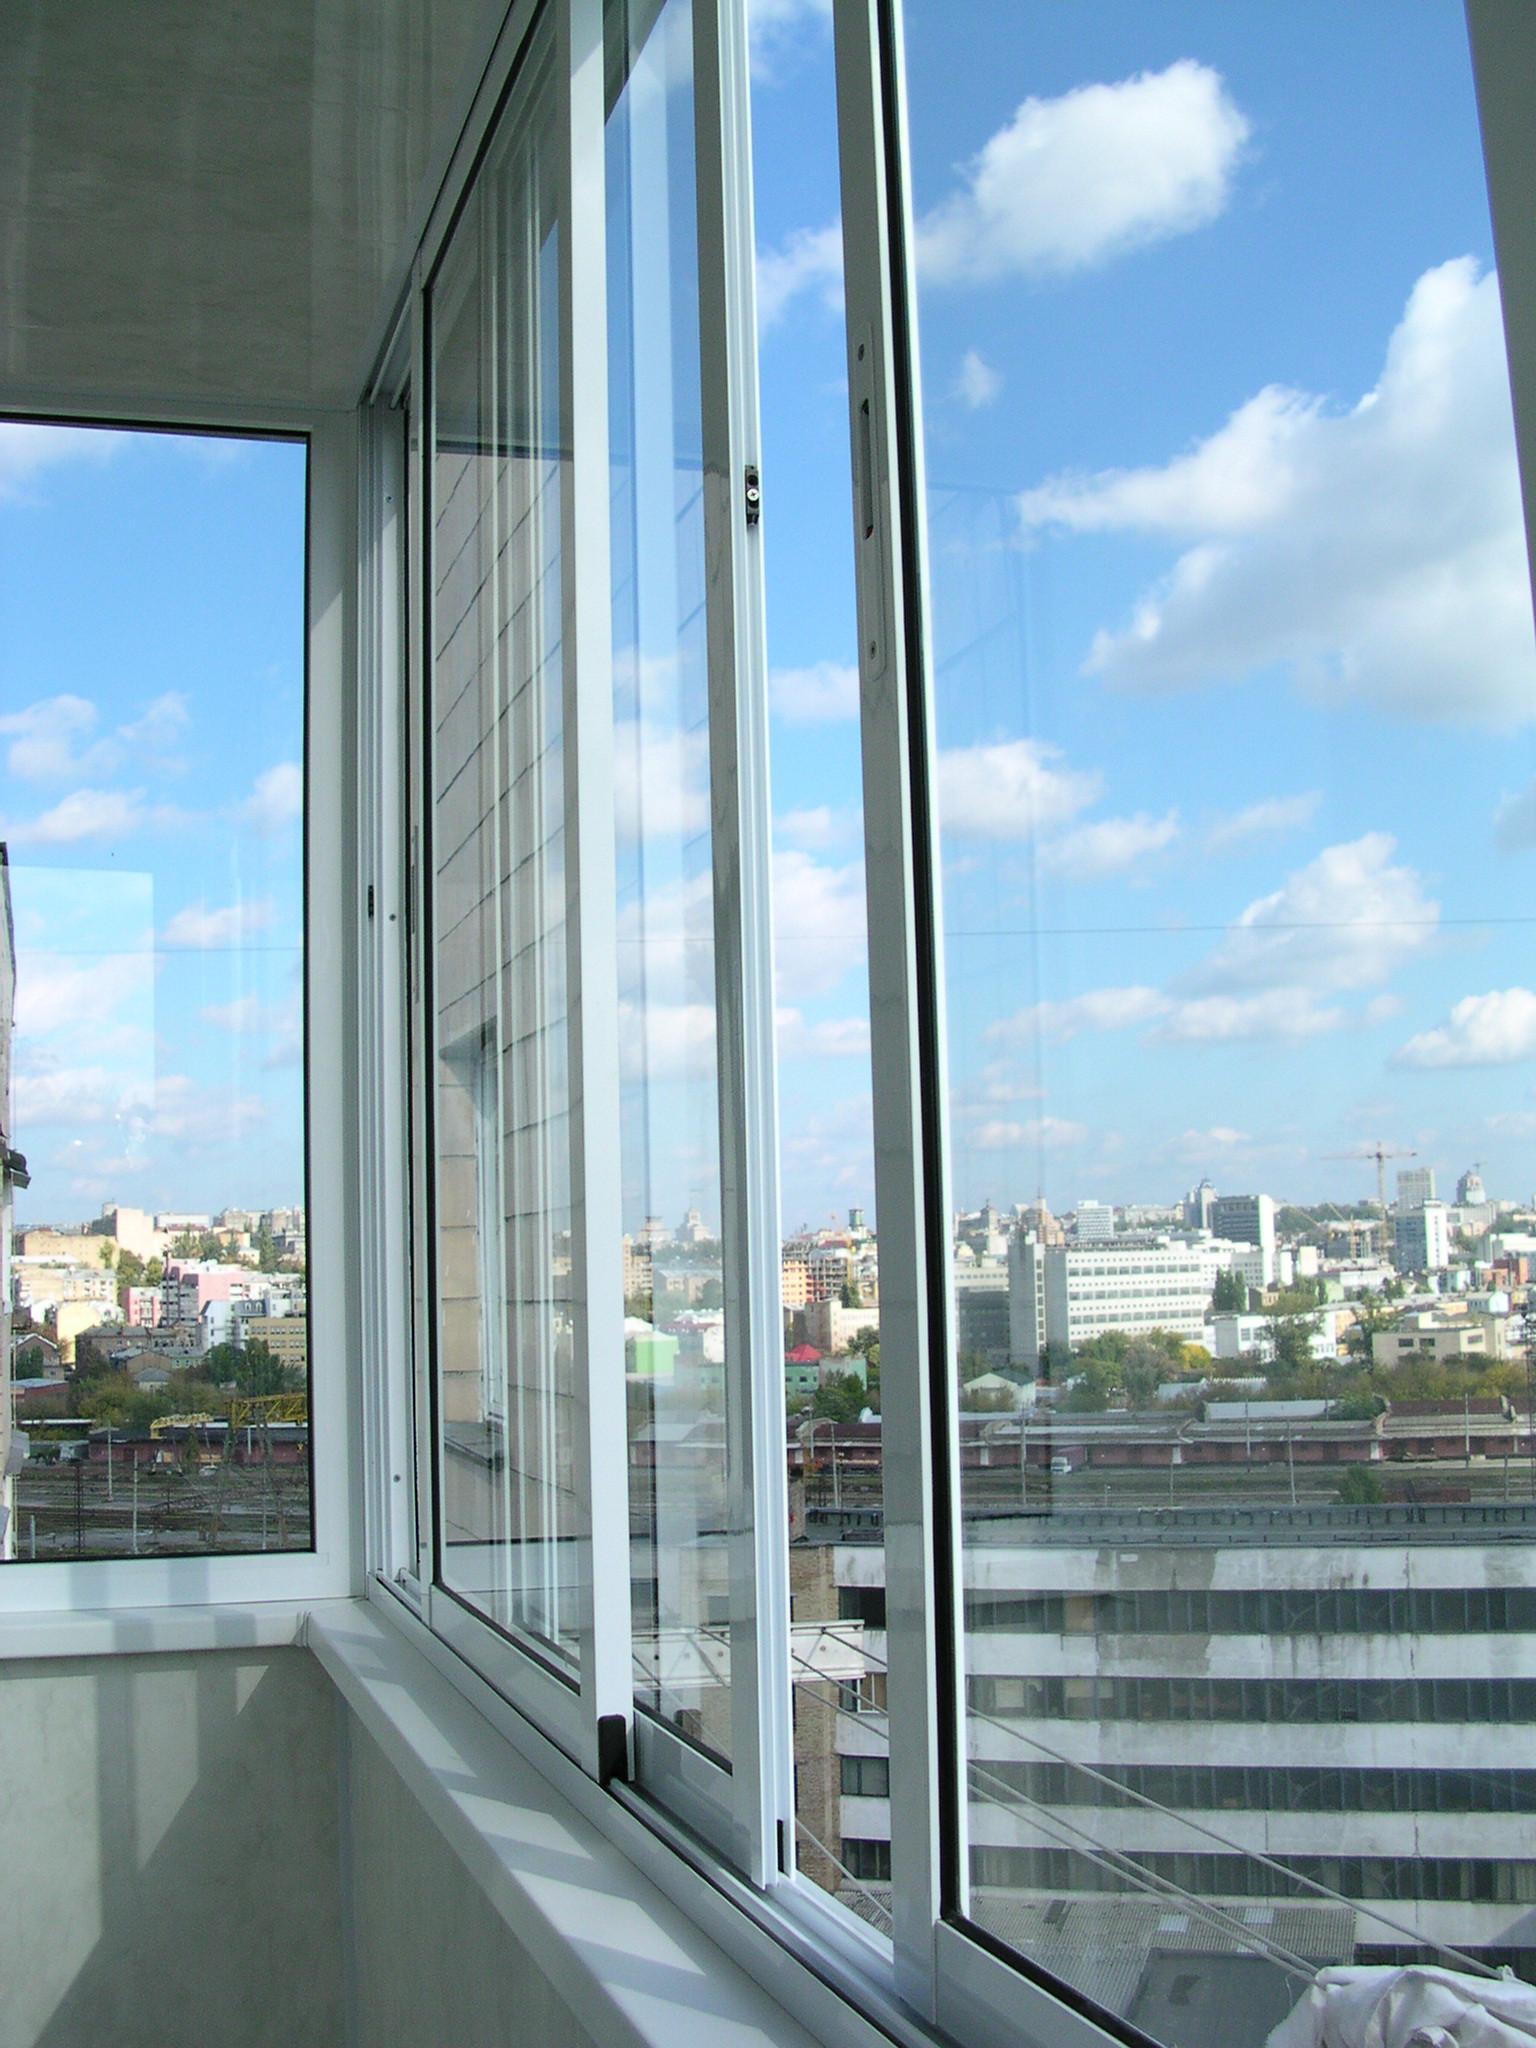 Раздвижная алюминиевая система остекления лоджий и балконов.